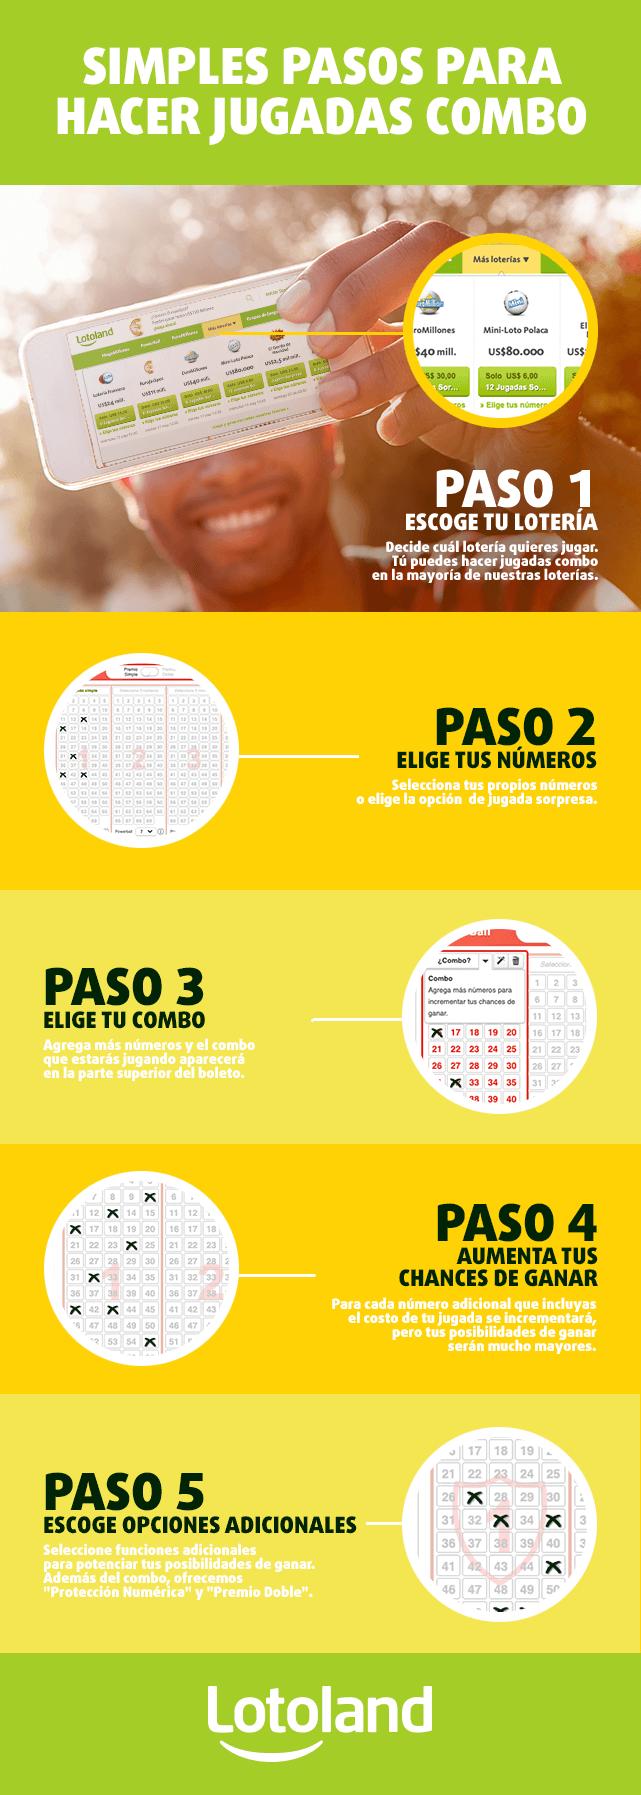 Infografía sobre las jugadas múltiples de lotería en Lotoland